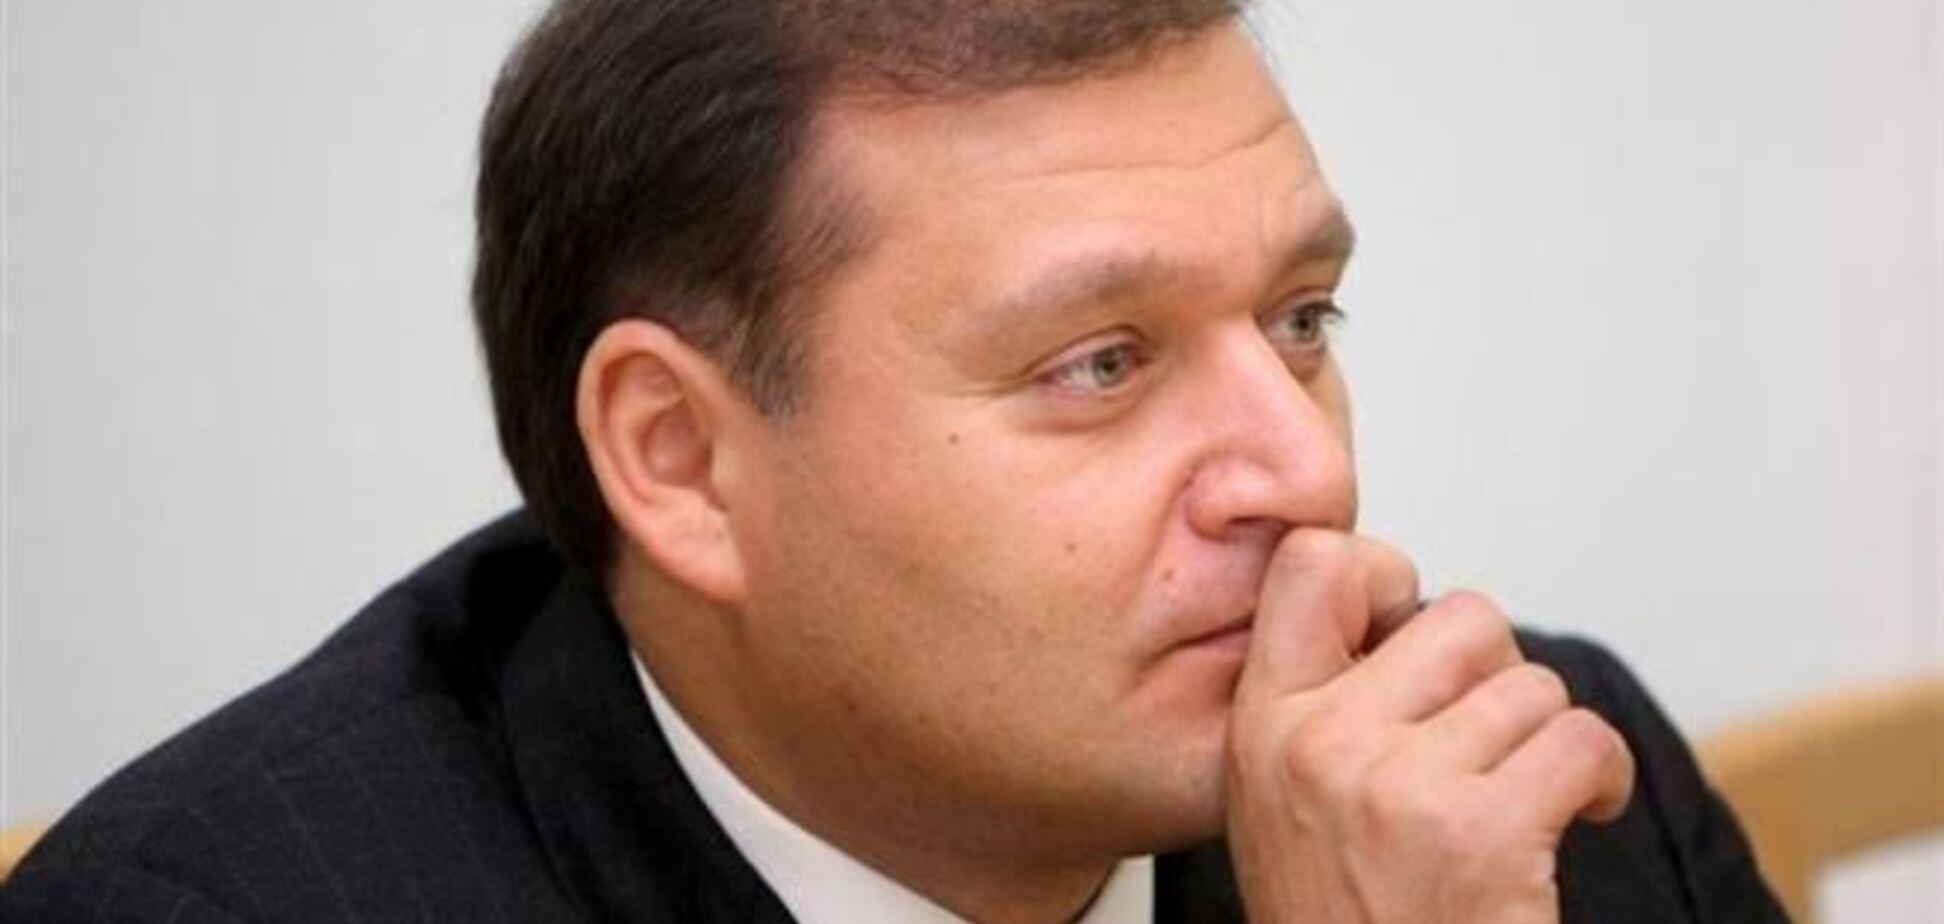 Добкин может баллотироваться в президенты - ГПУ